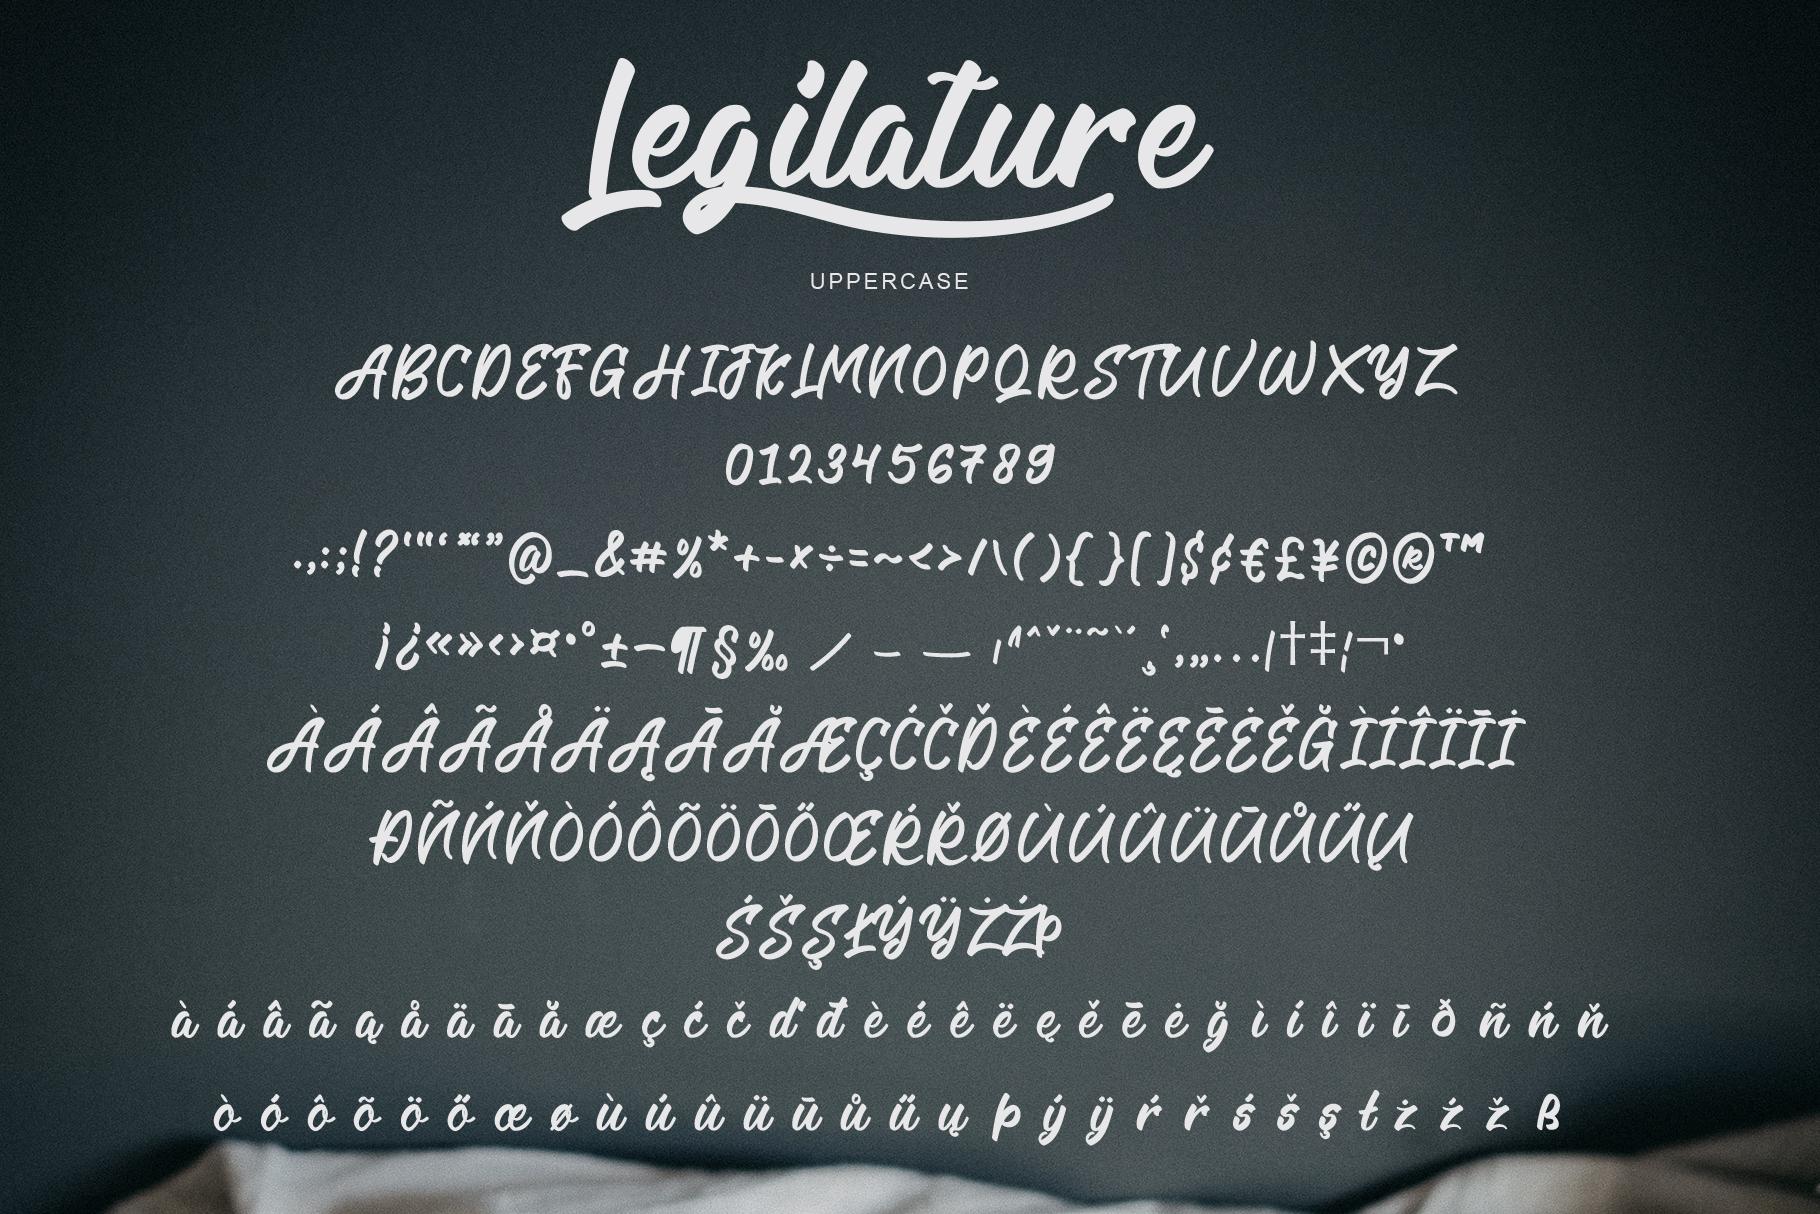 Legilature with BONUS example image 6